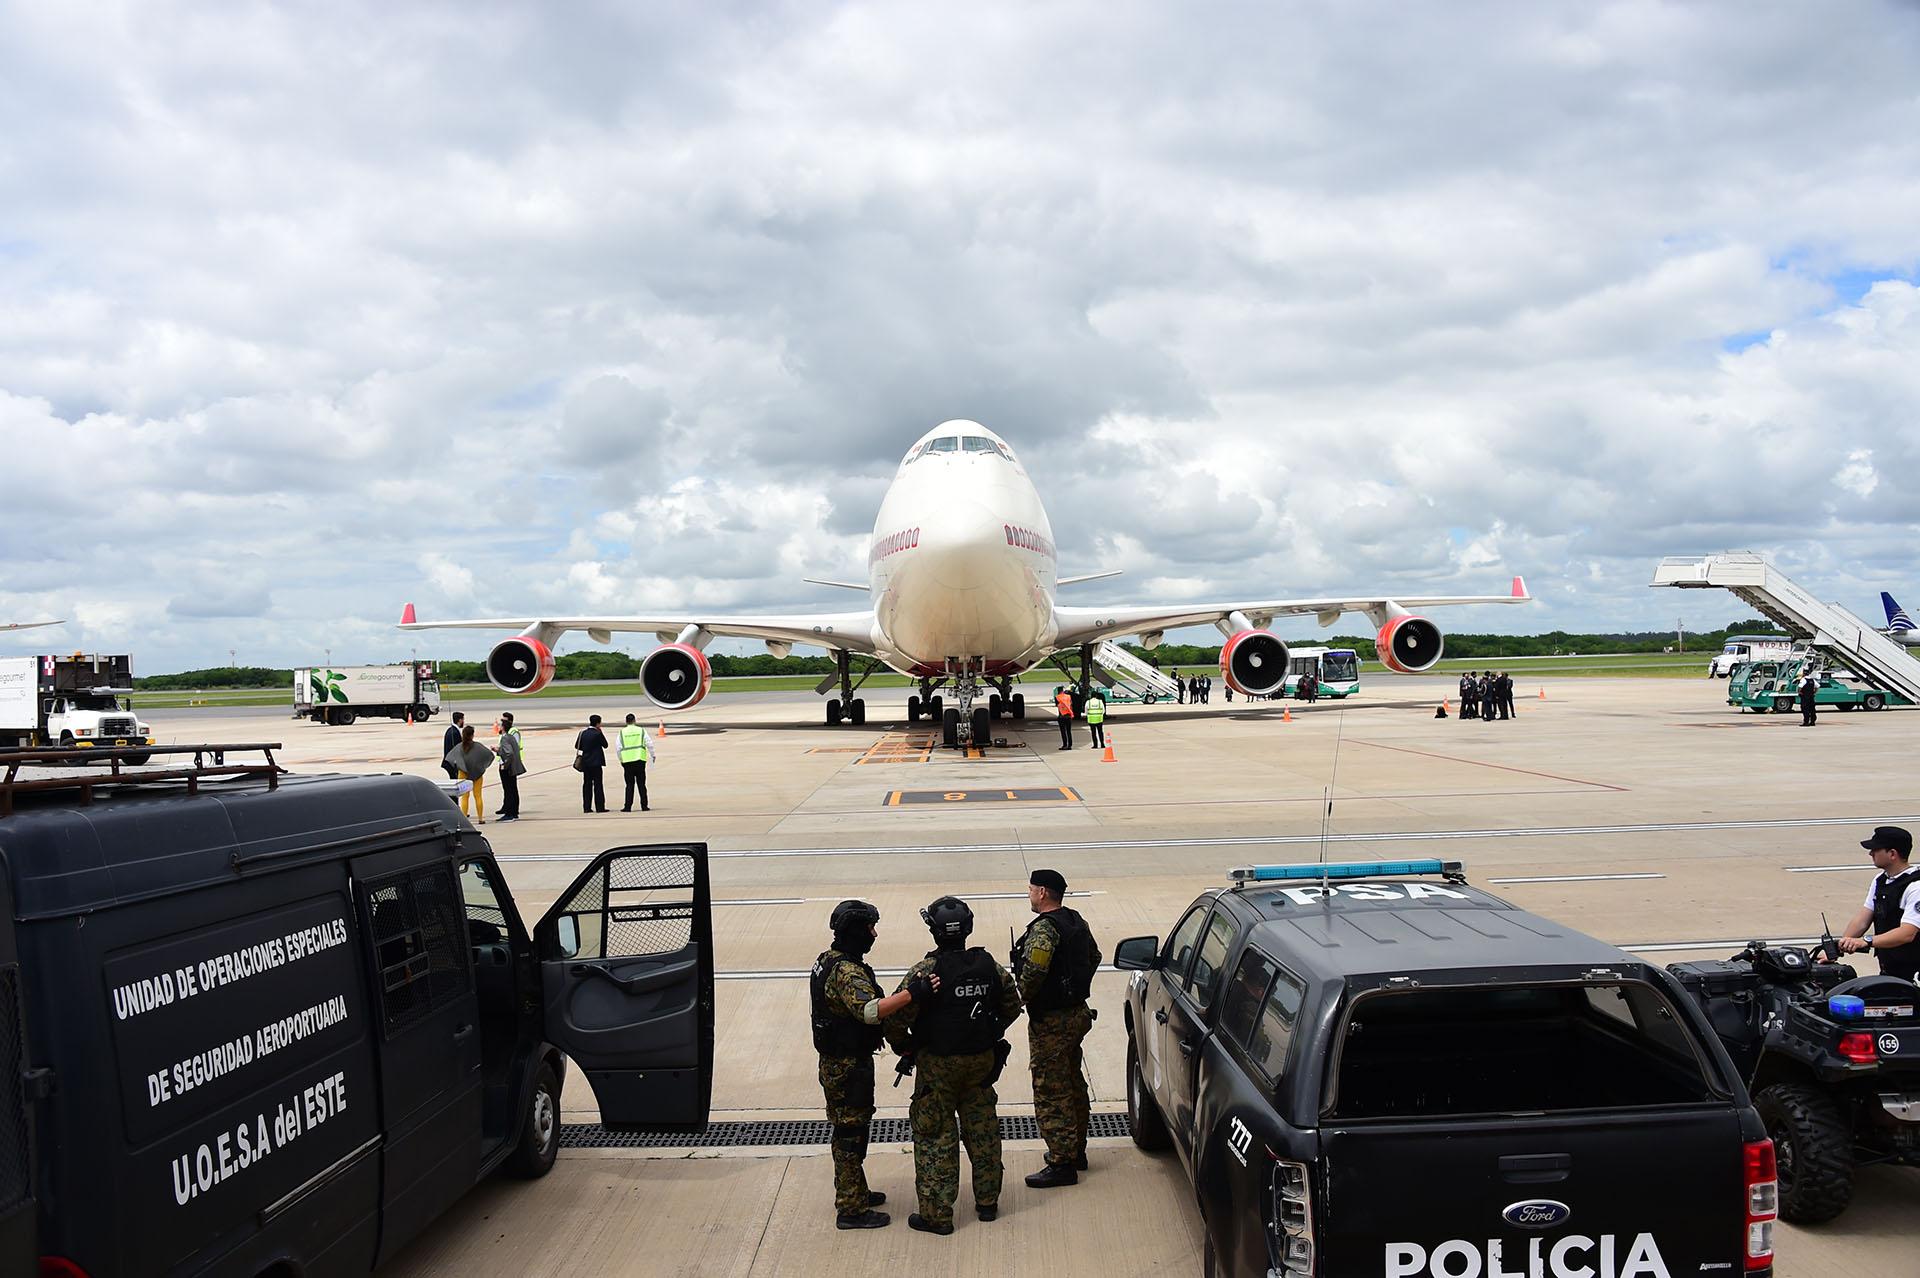 El aeropuerto de Ezeiza está repleto de efectivos de las fuerzas de seguridad que custodian la llegada de los mandatarios (AFP)